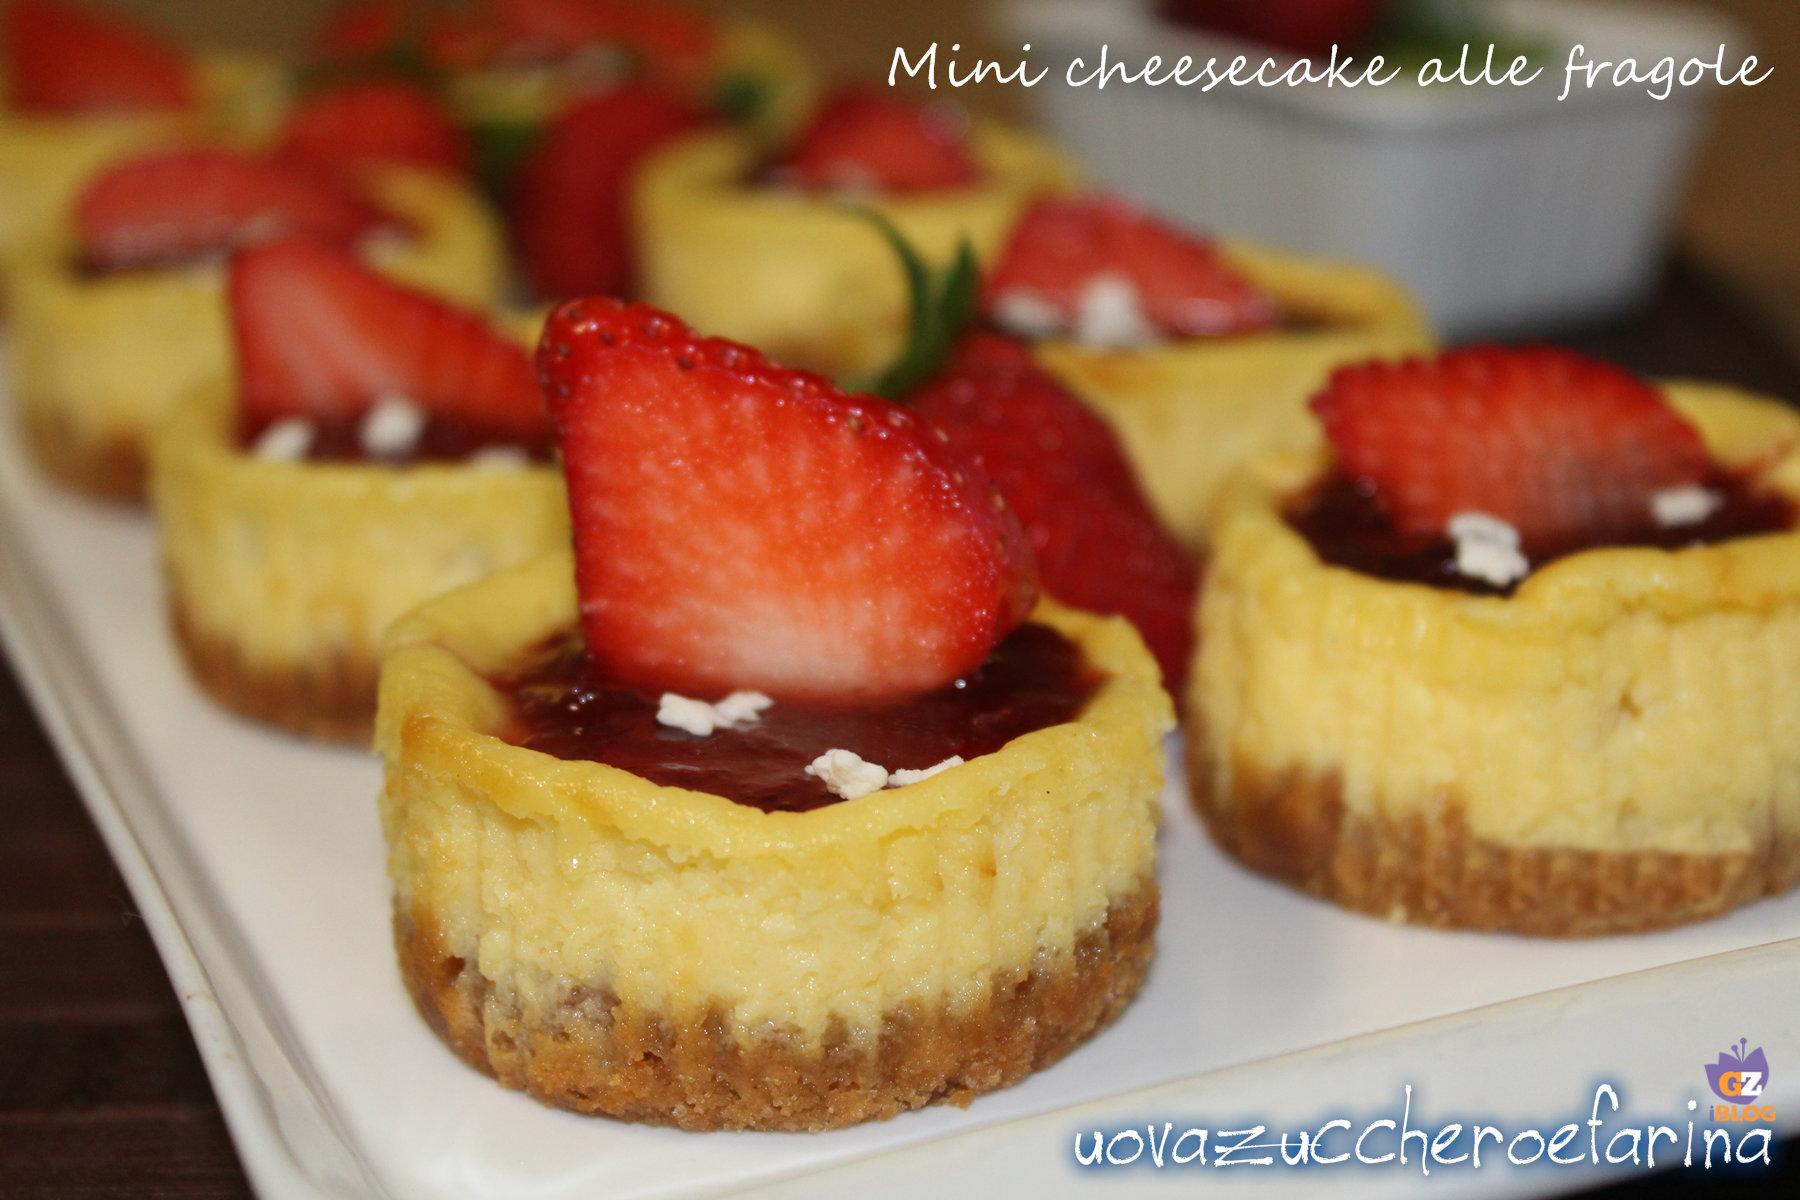 minicheesecake alle fragole uovazuccheroefarina orizz